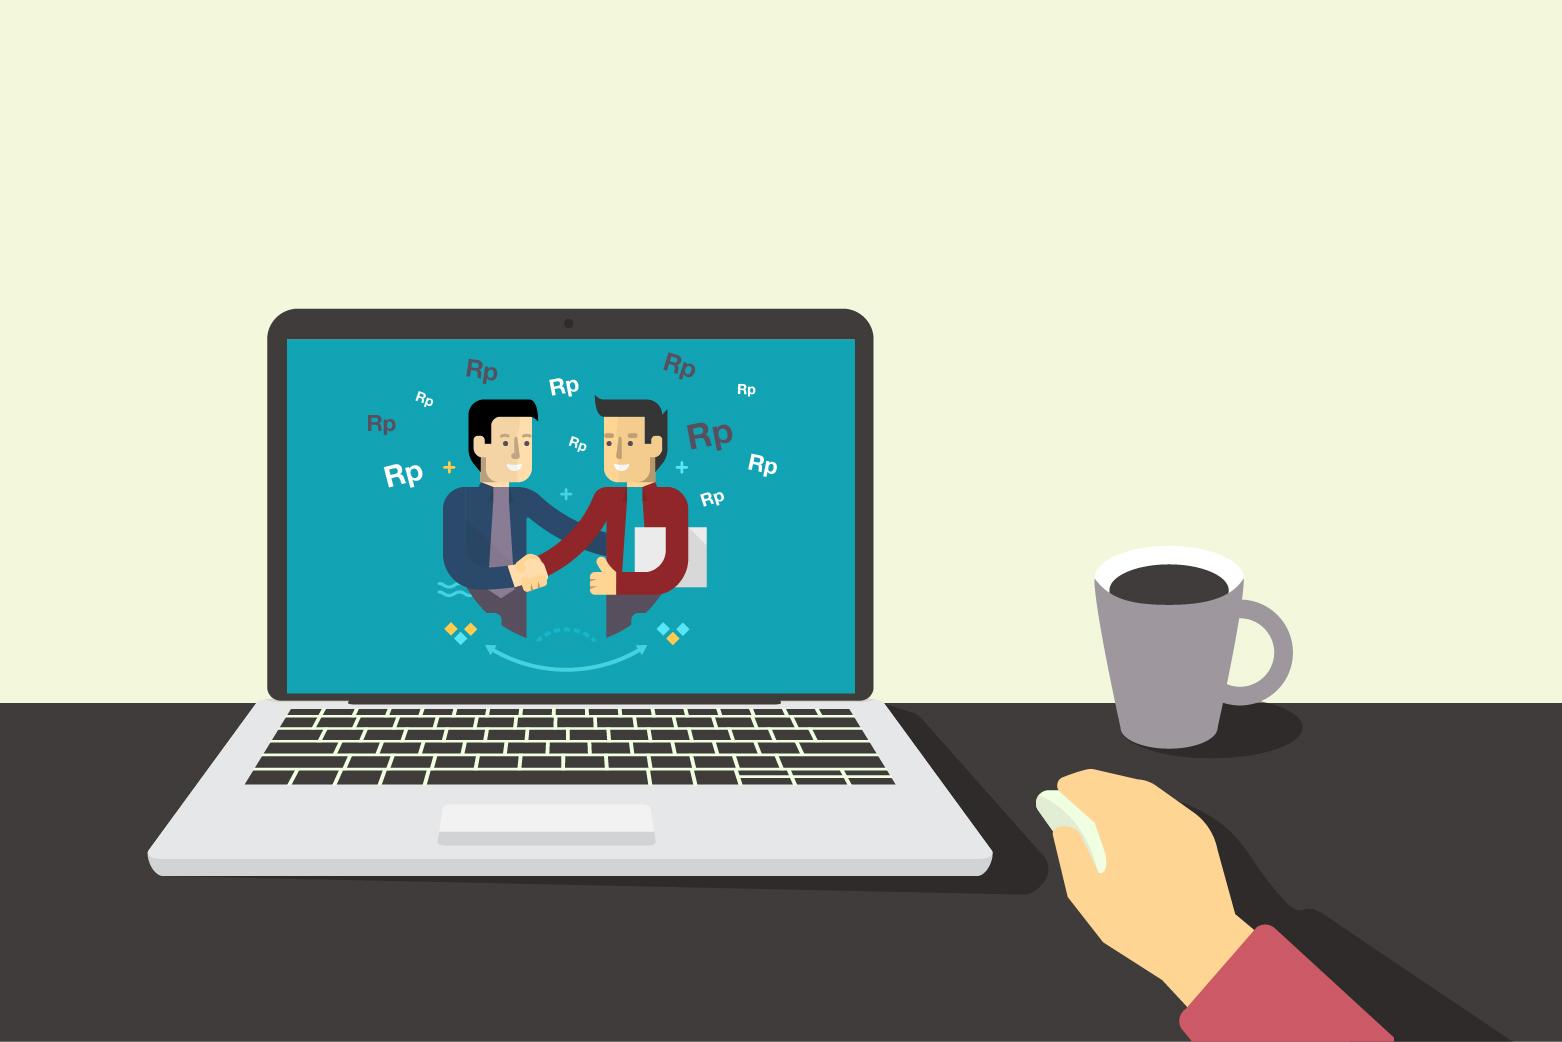 Inilah 7 Keuntungan Sosial Media Buat Bisnis UKM (Usaha Kecil Menengah)